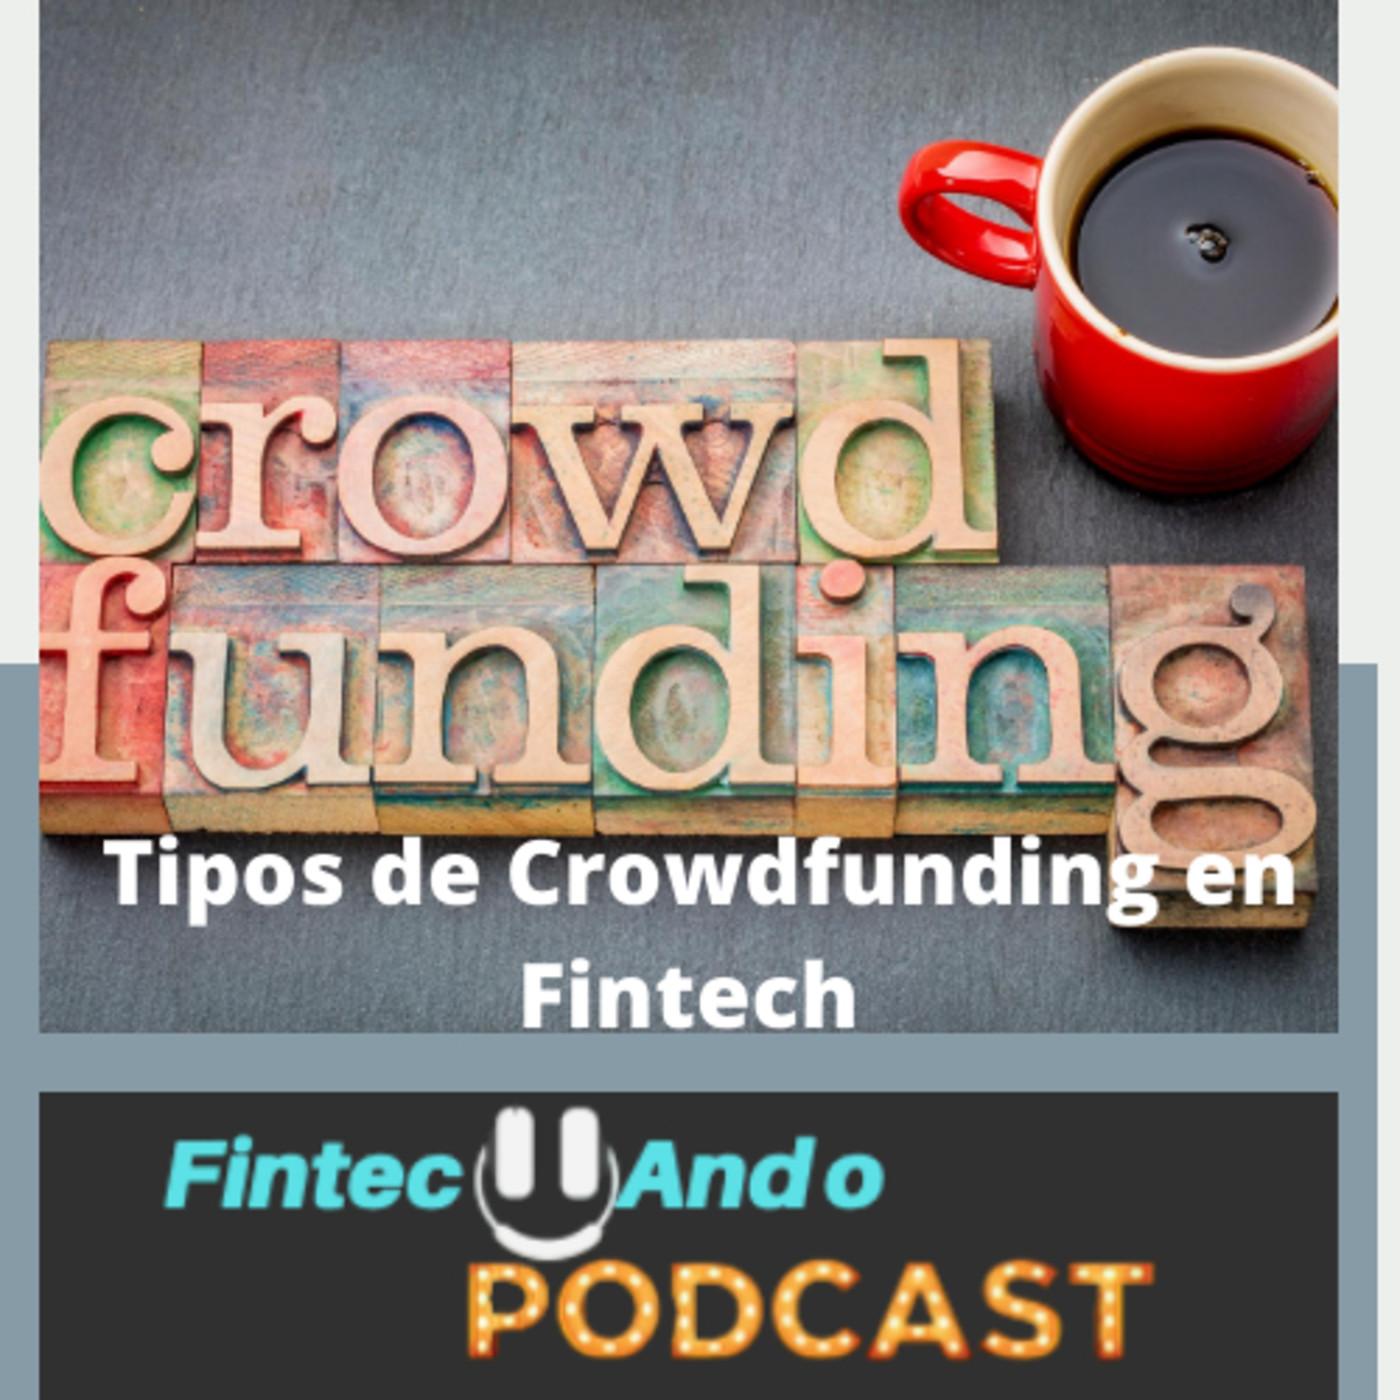 #25 Tipos de Crowdfunding en Fintech